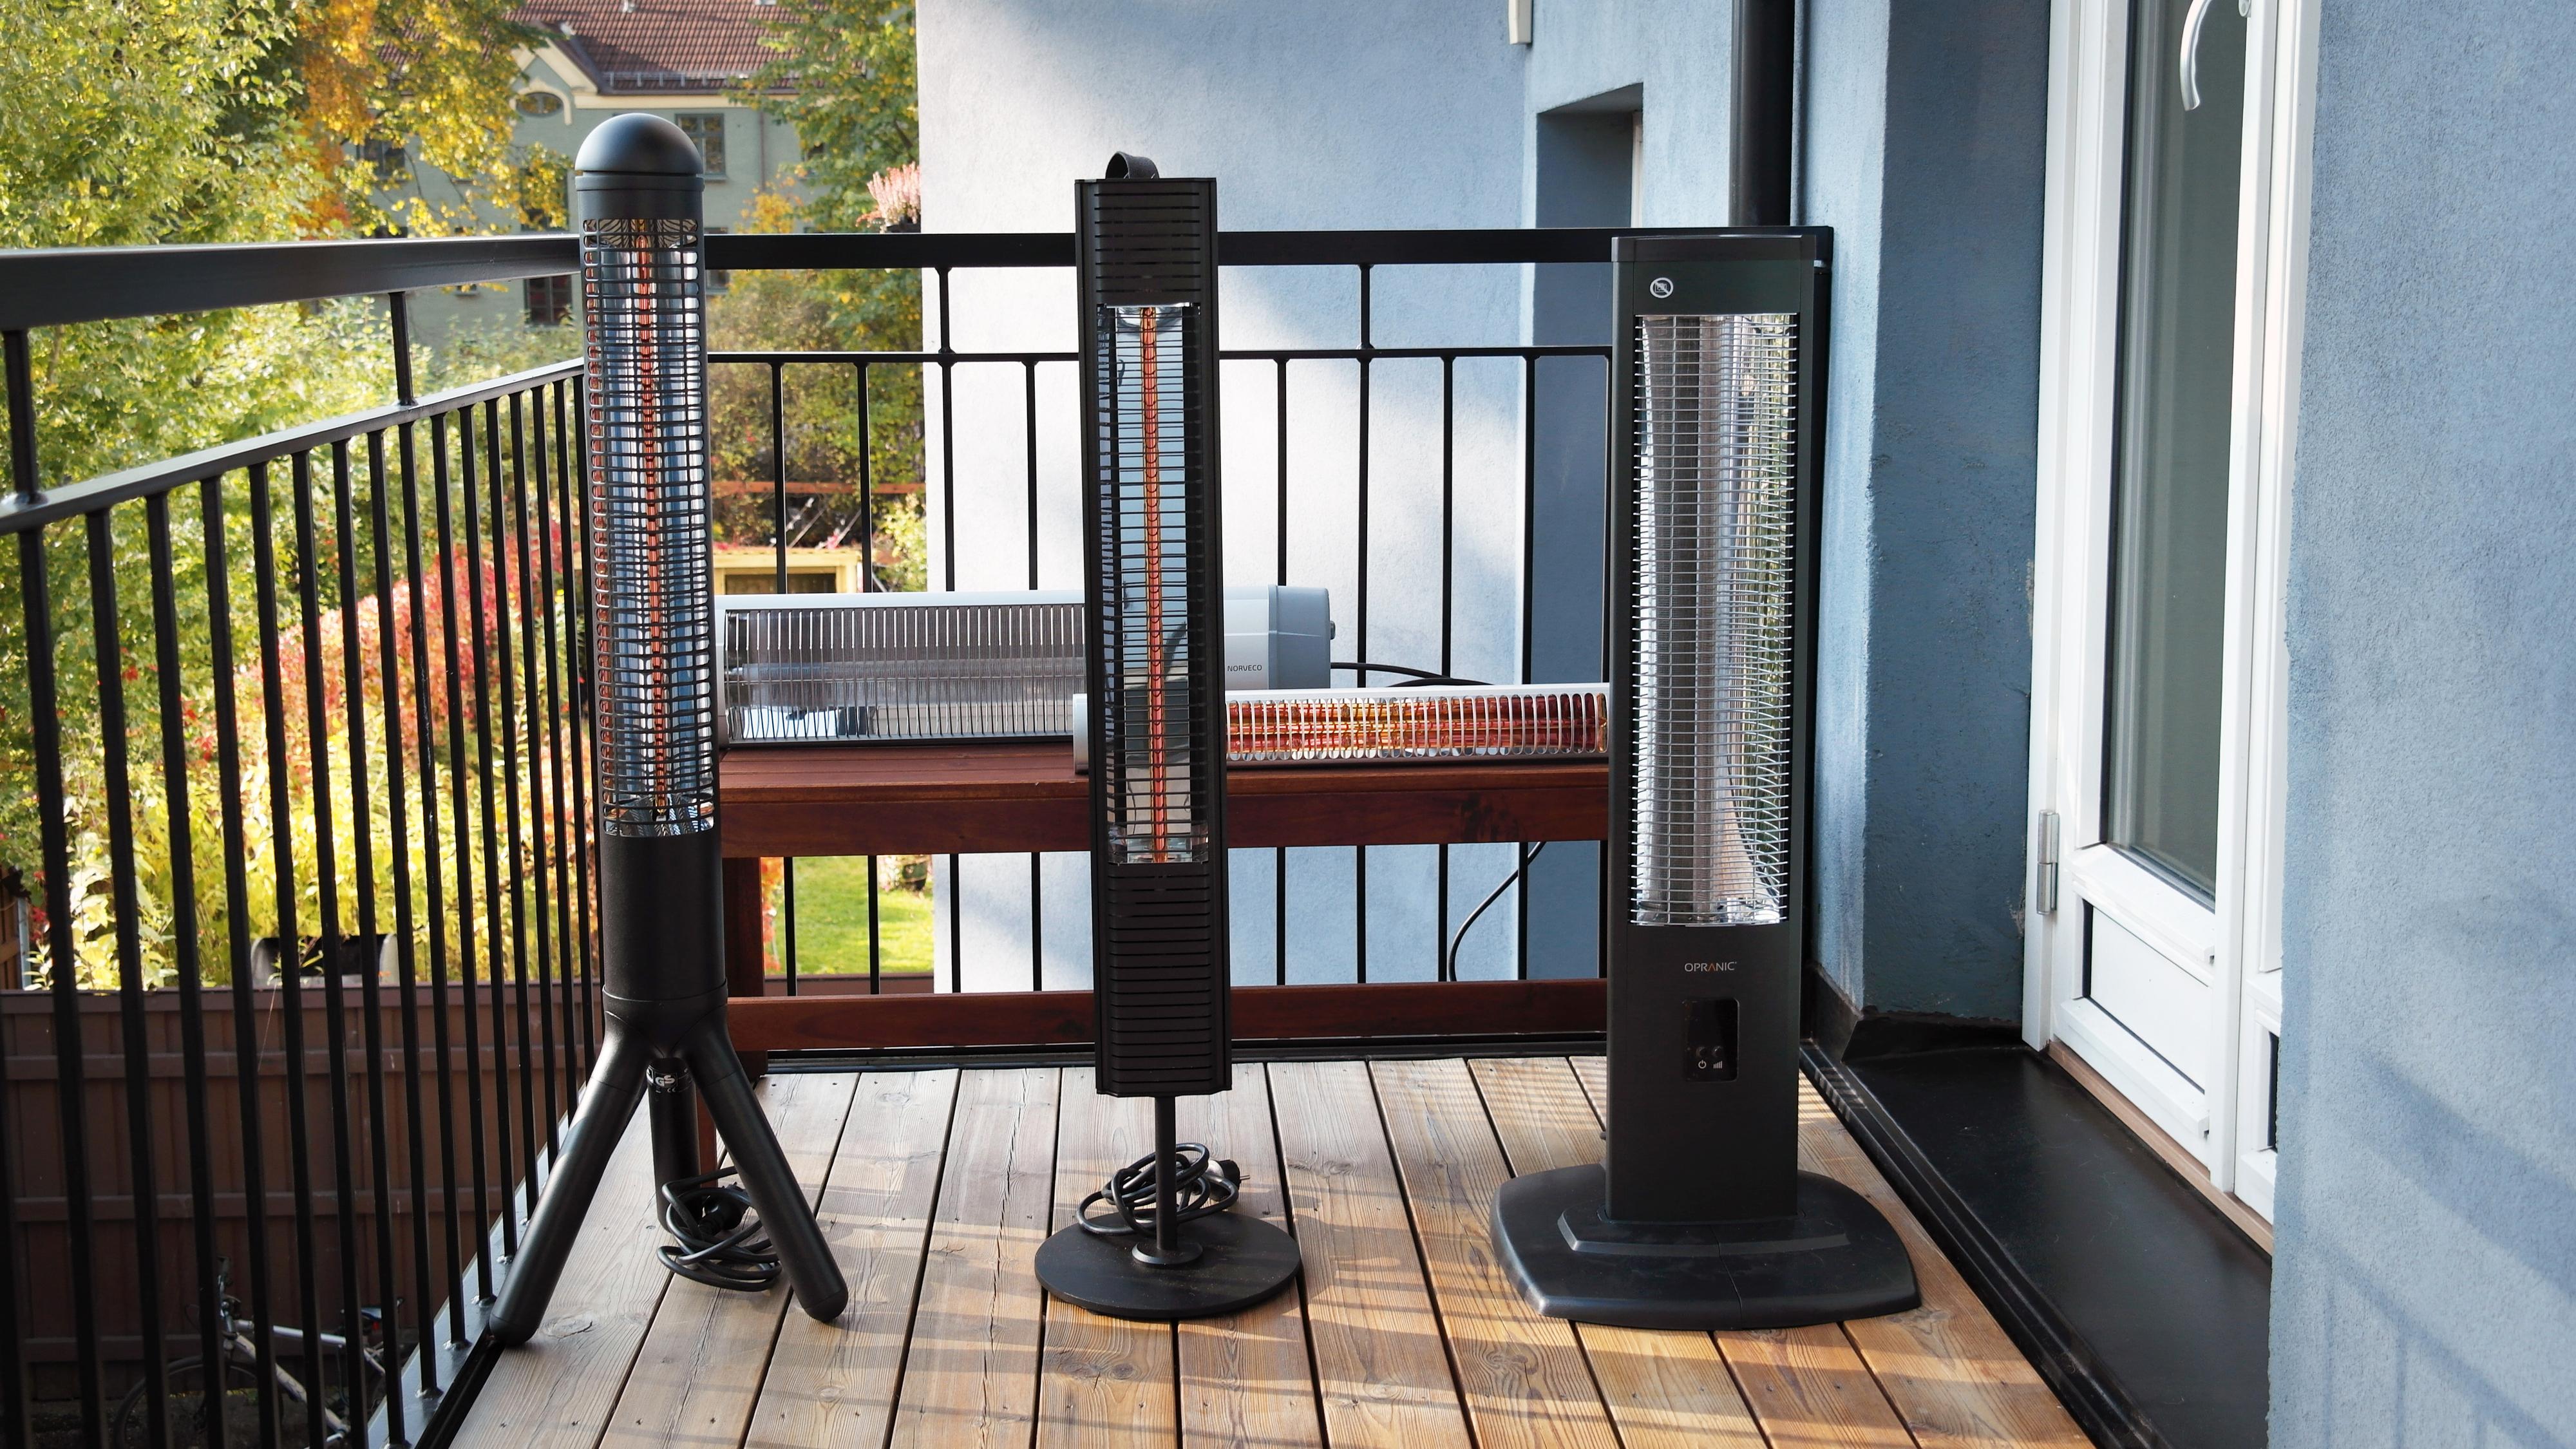 En god terrassevarmer kan forlenge sesongen både før og etter sommeren. Vi har testet fem frittstående varmere som hverken må skrus på vegg eller i tak.